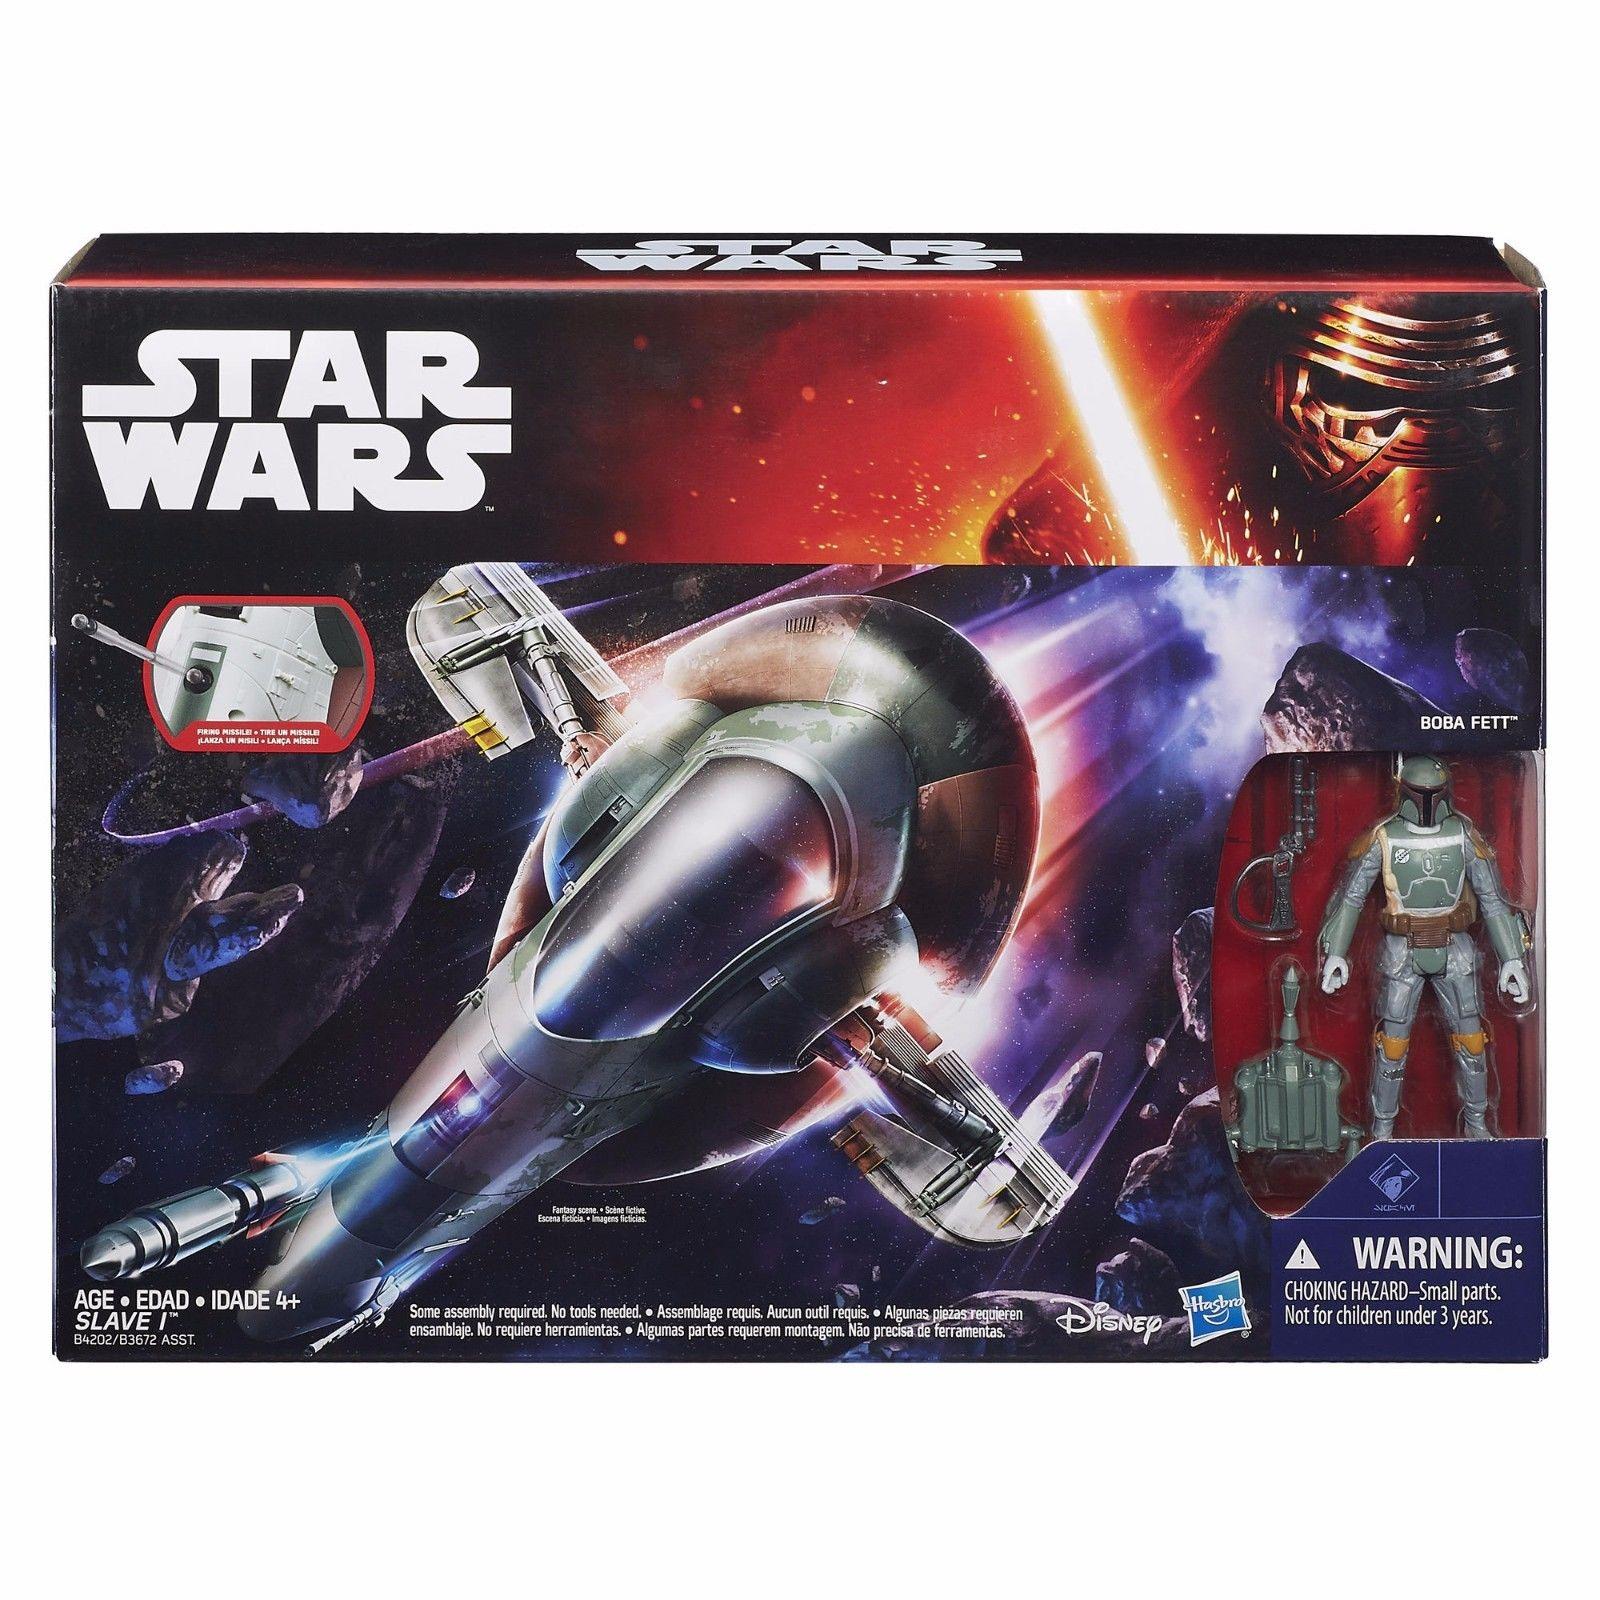 Hasbro Star Wars diverse ruimteschepen + actiefiguur vanaf € 5,79 @ Action